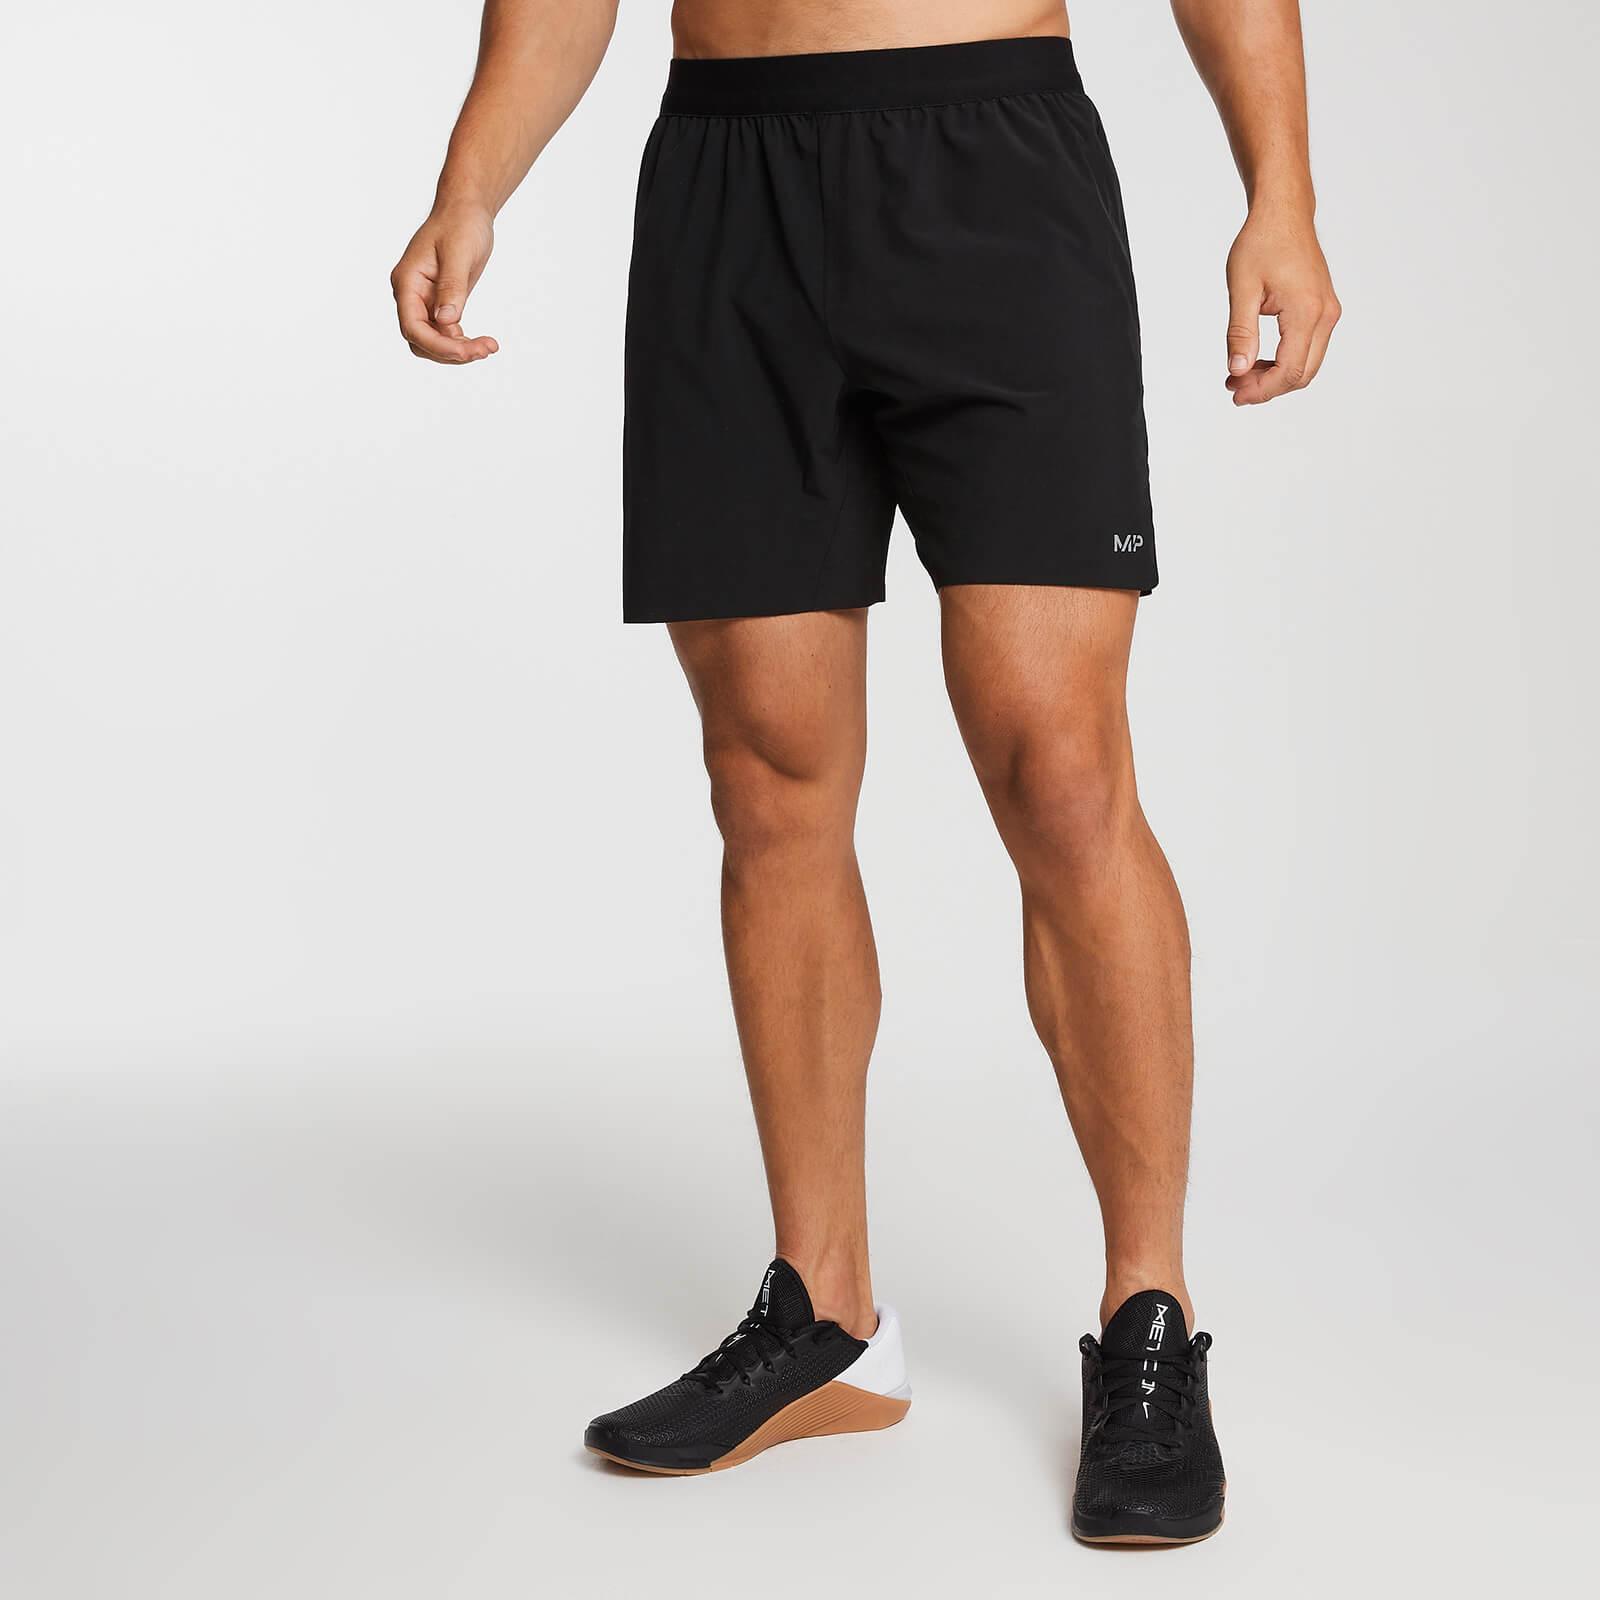 Mp Pantaloncini Best Training Essentials da uomo - Nero - L